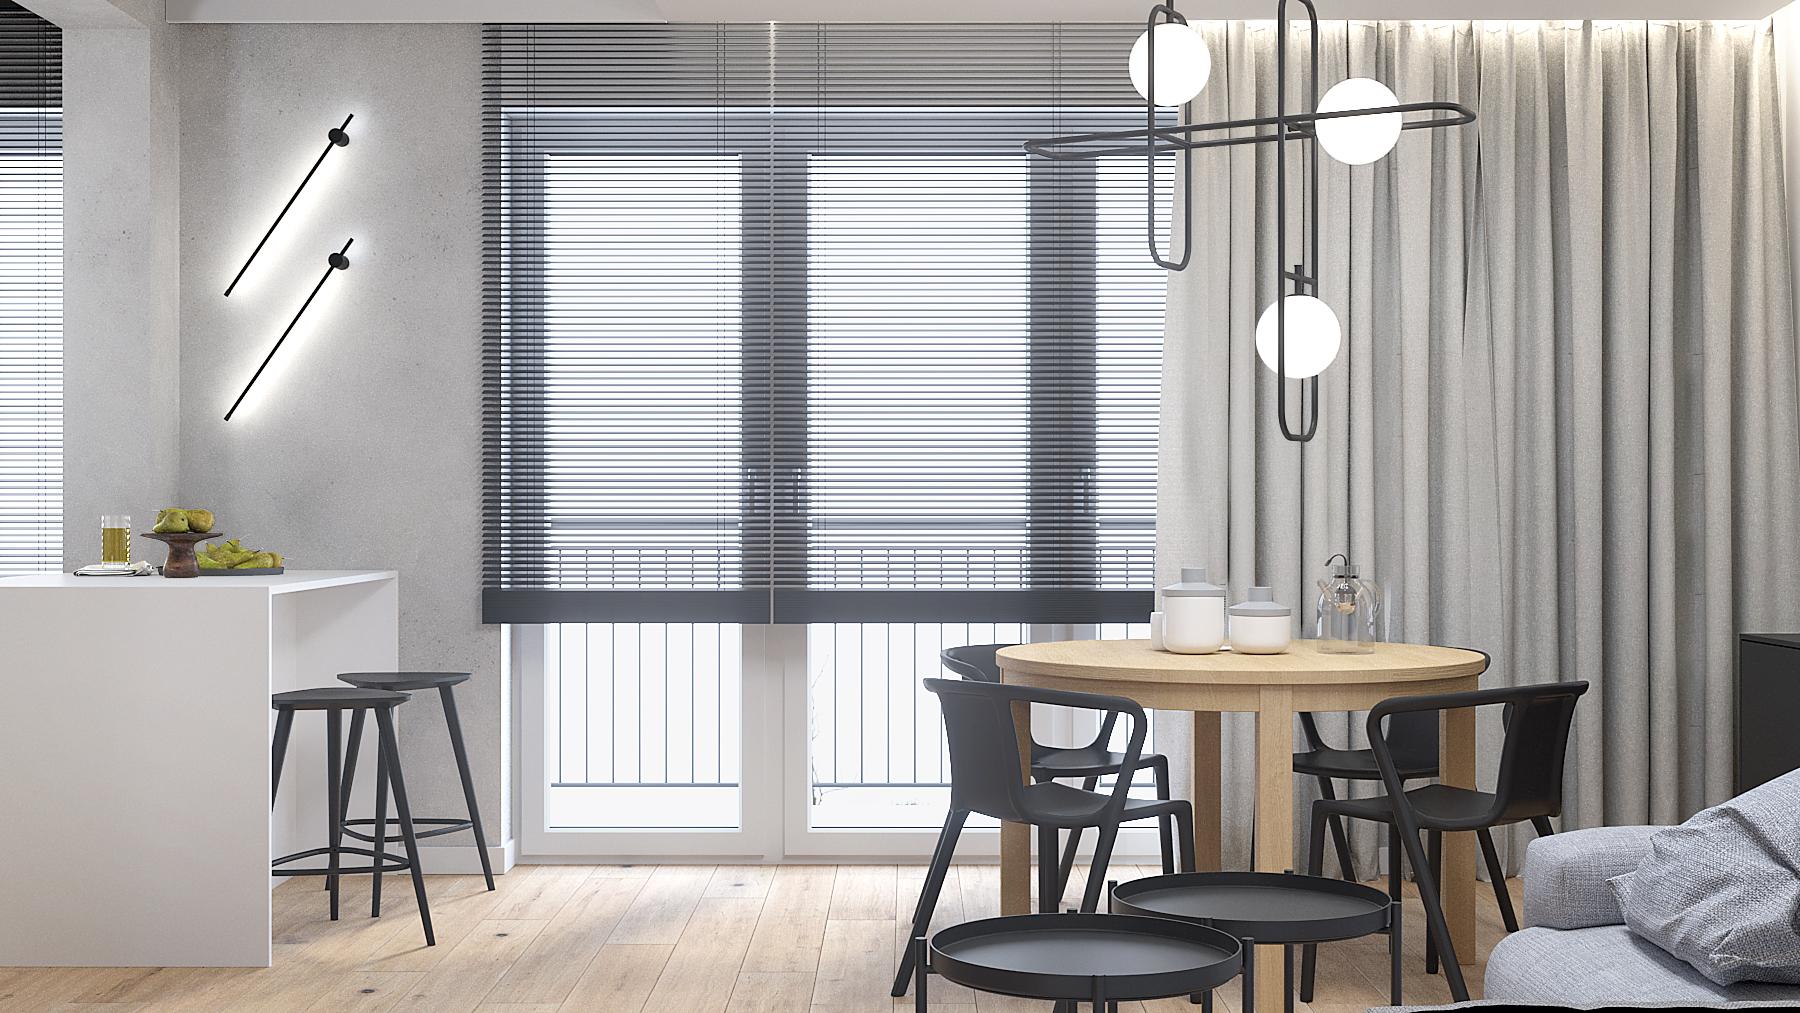 12 aranzacja wnetrz M387 mieszkanie Katowice pokoj dzienny okragly stol czarne krzesla lampa nad stolem